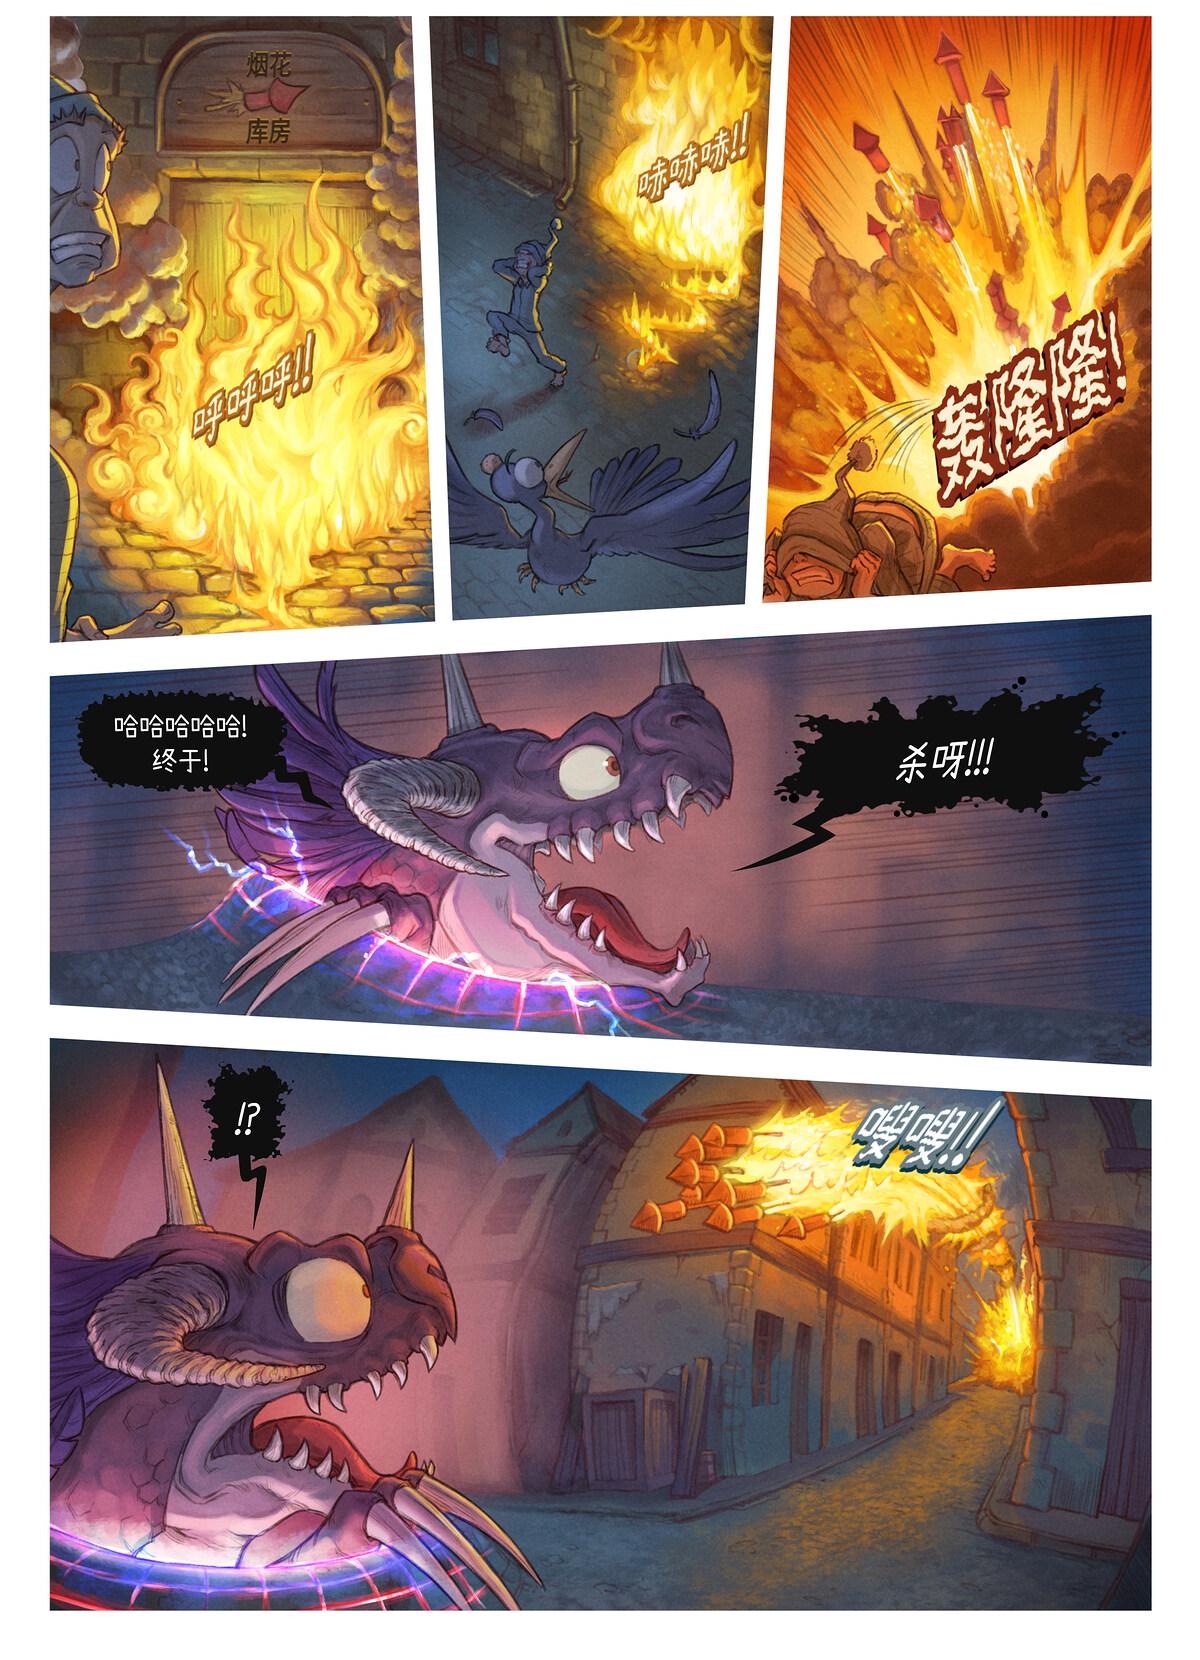 第29集:世界毁灭者, Page 6